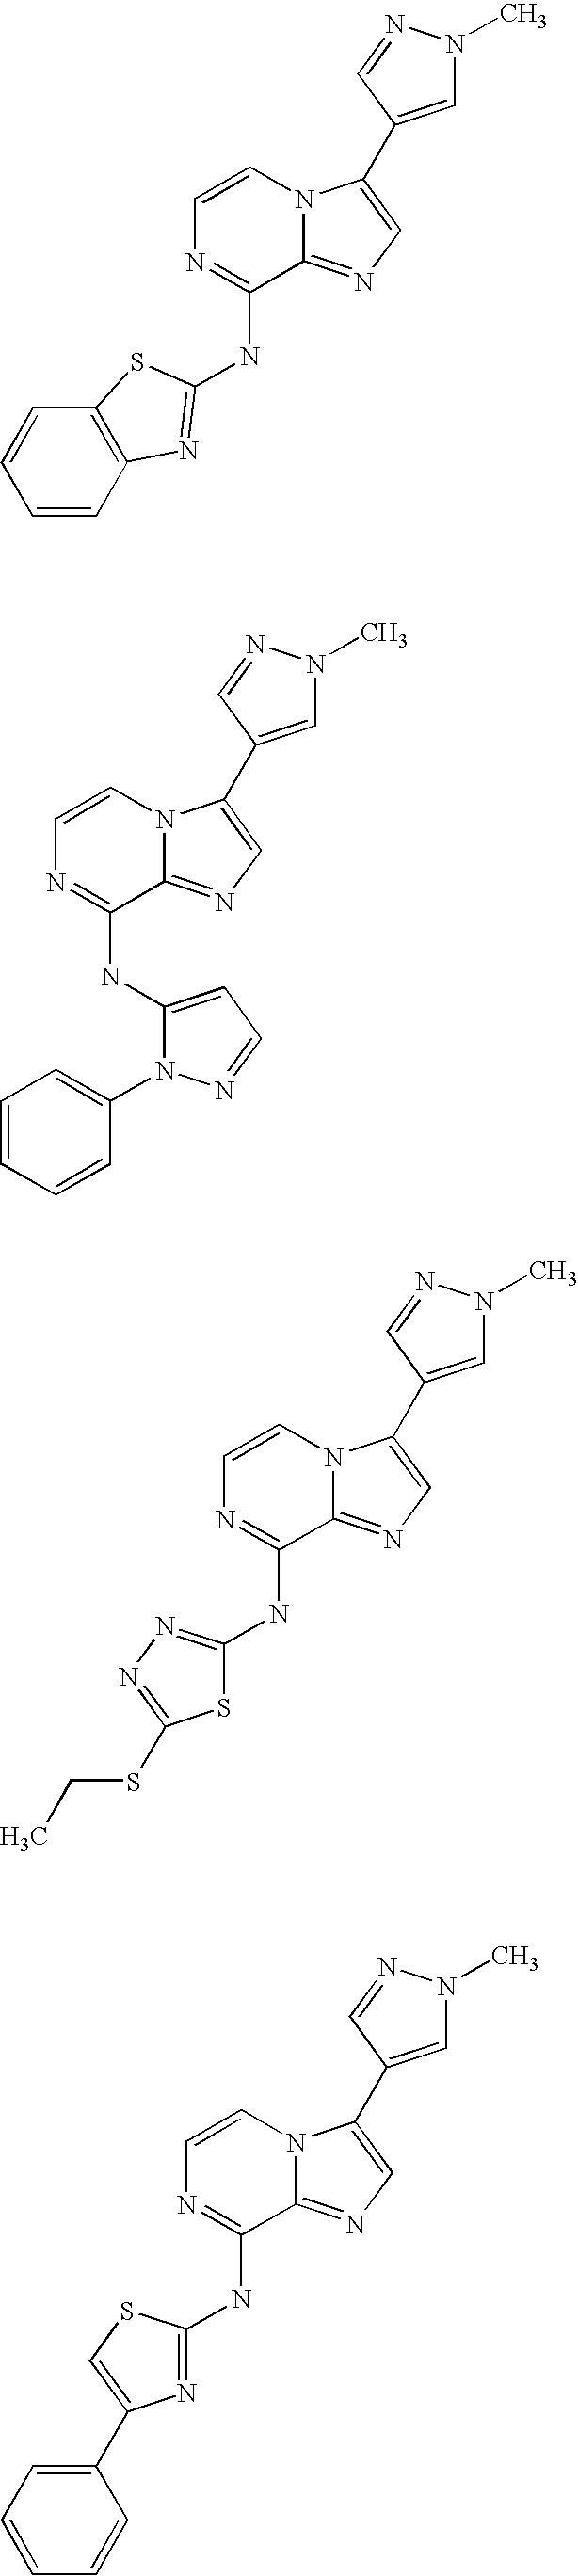 Figure US20070117804A1-20070524-C00048